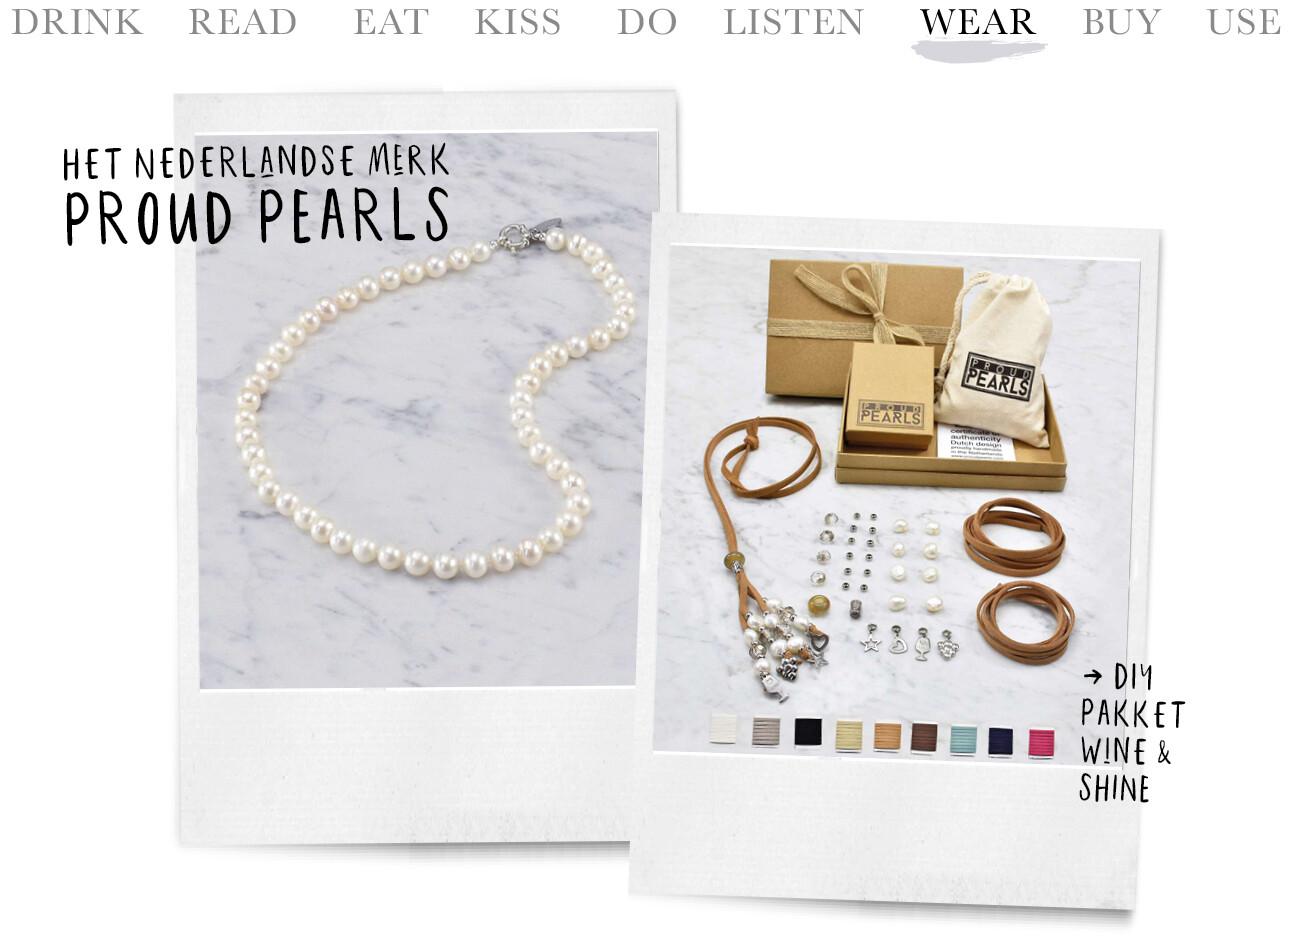 Een essential parel ketting en een dit pakket van het Nederlandse merk Proud Pearls